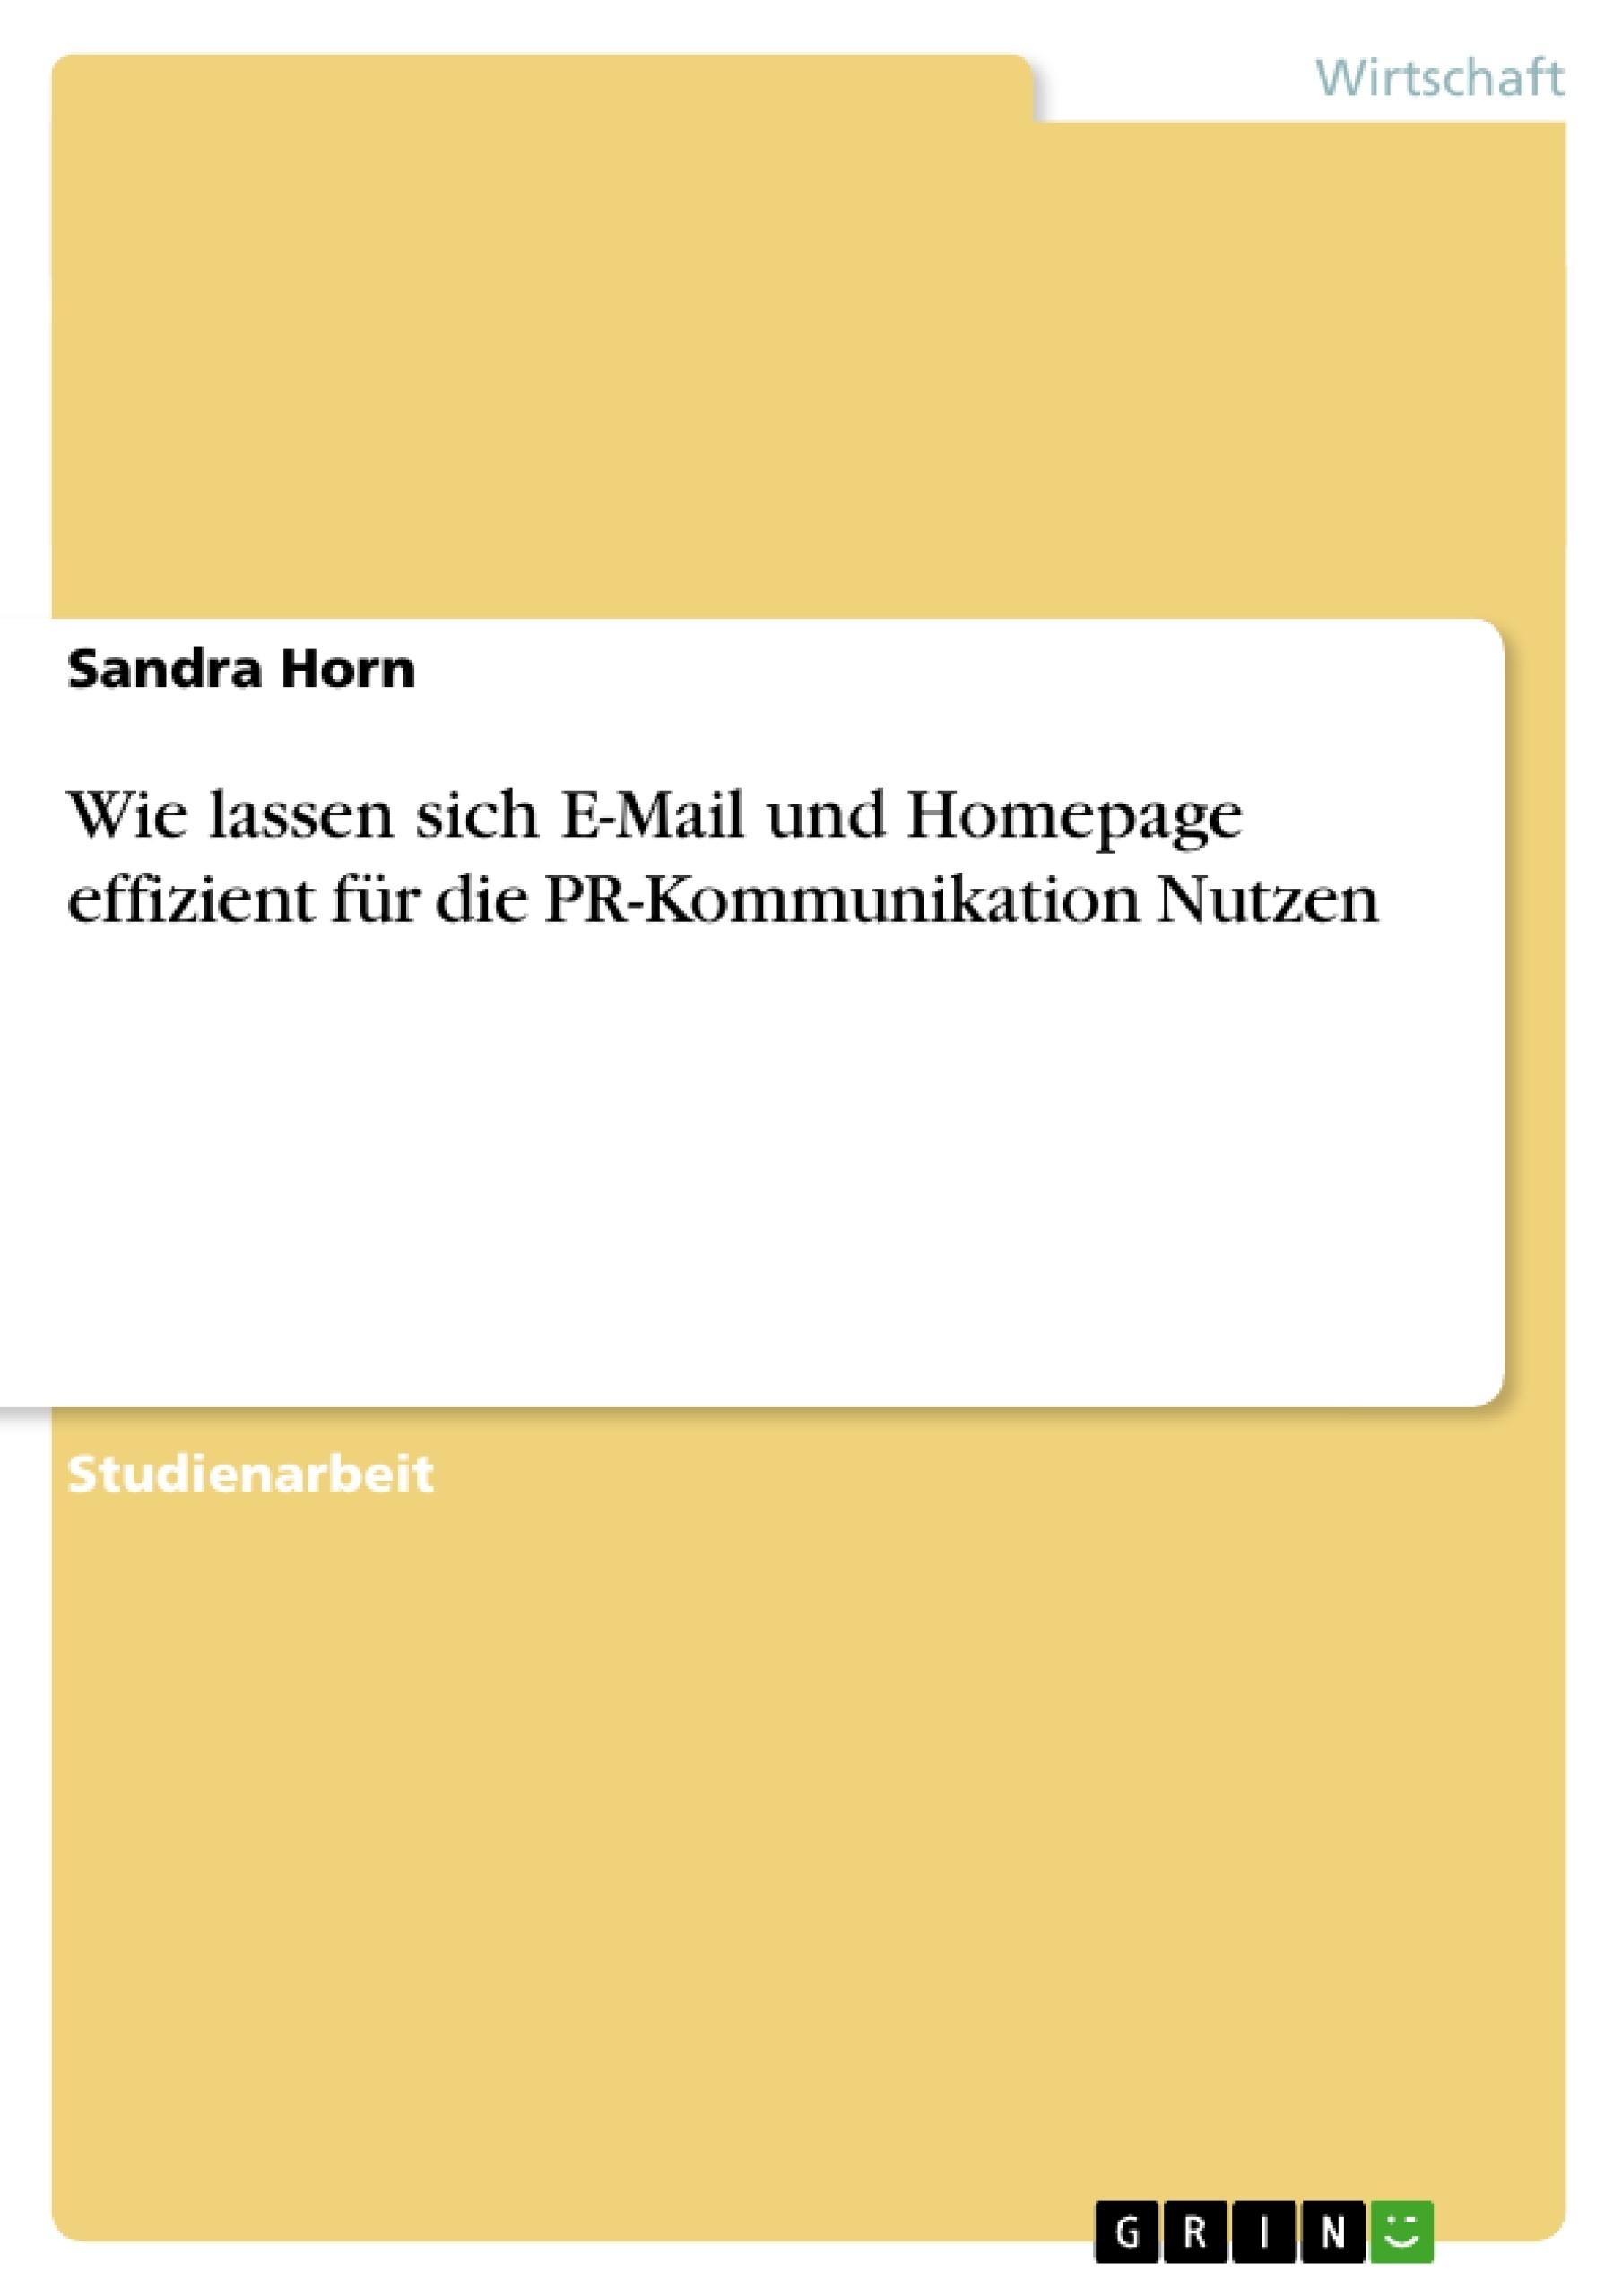 Titel: Wie lassen sich E-Mail und Homepage effizient für die PR-Kommunikation Nutzen